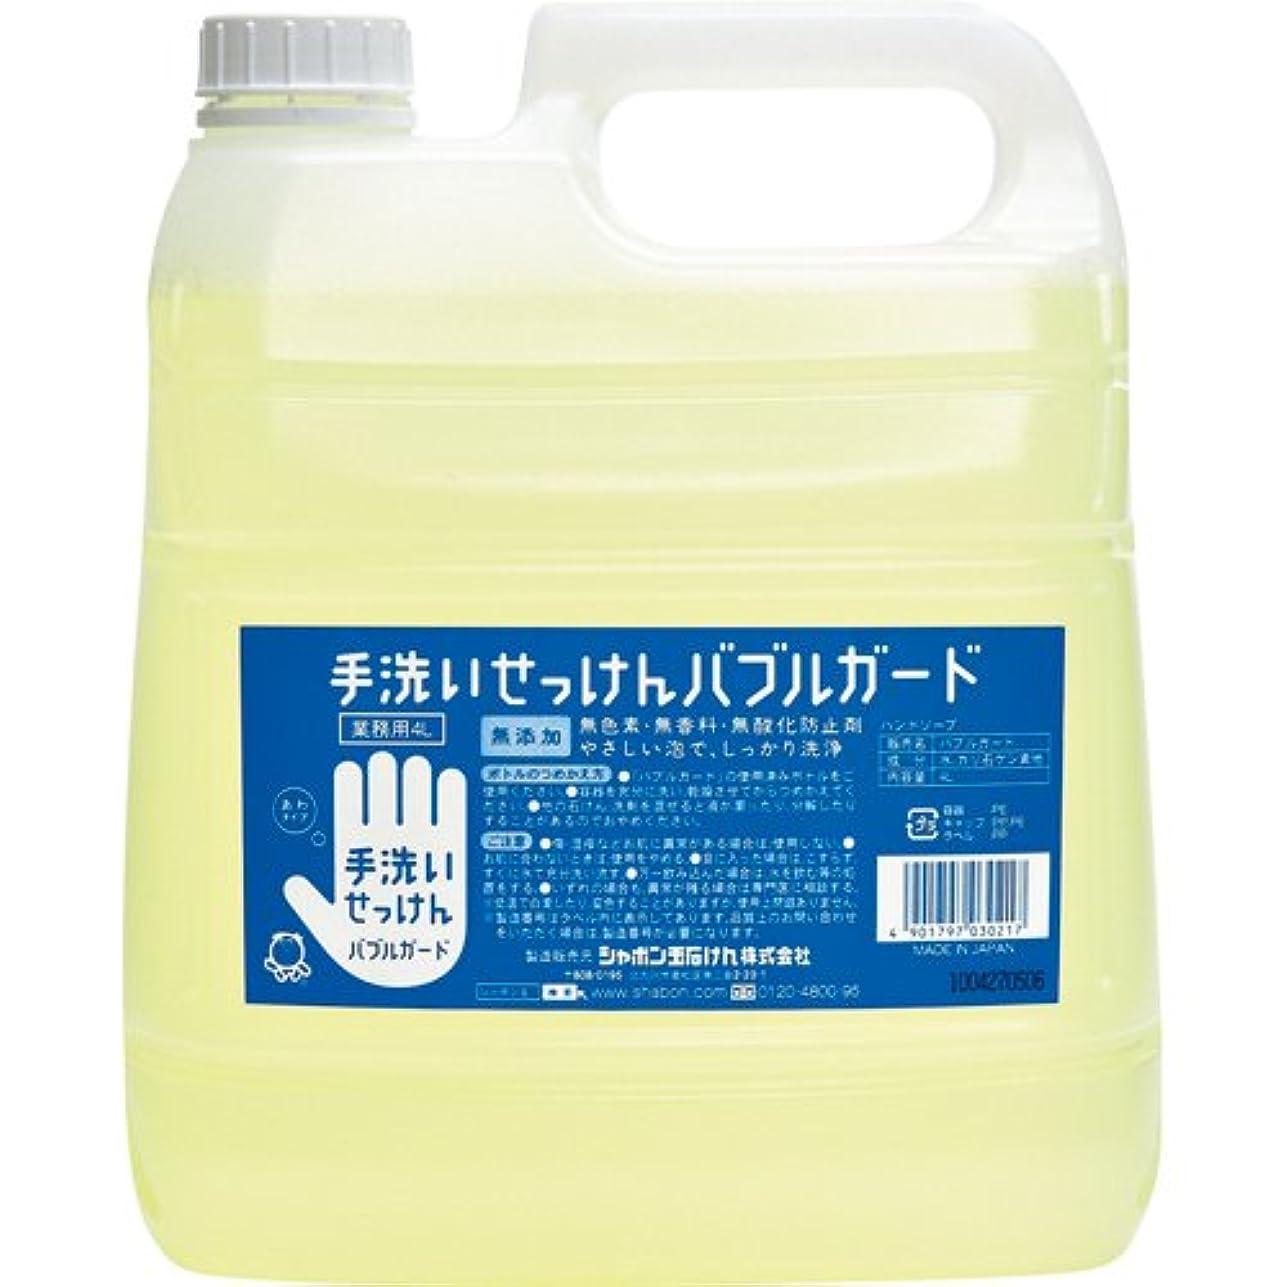 高度な信頼ロイヤリティ[シャボン玉石けん 1692542] (ケア商品)手洗いせっけん バブルガード 泡タイプ 業務用 4L